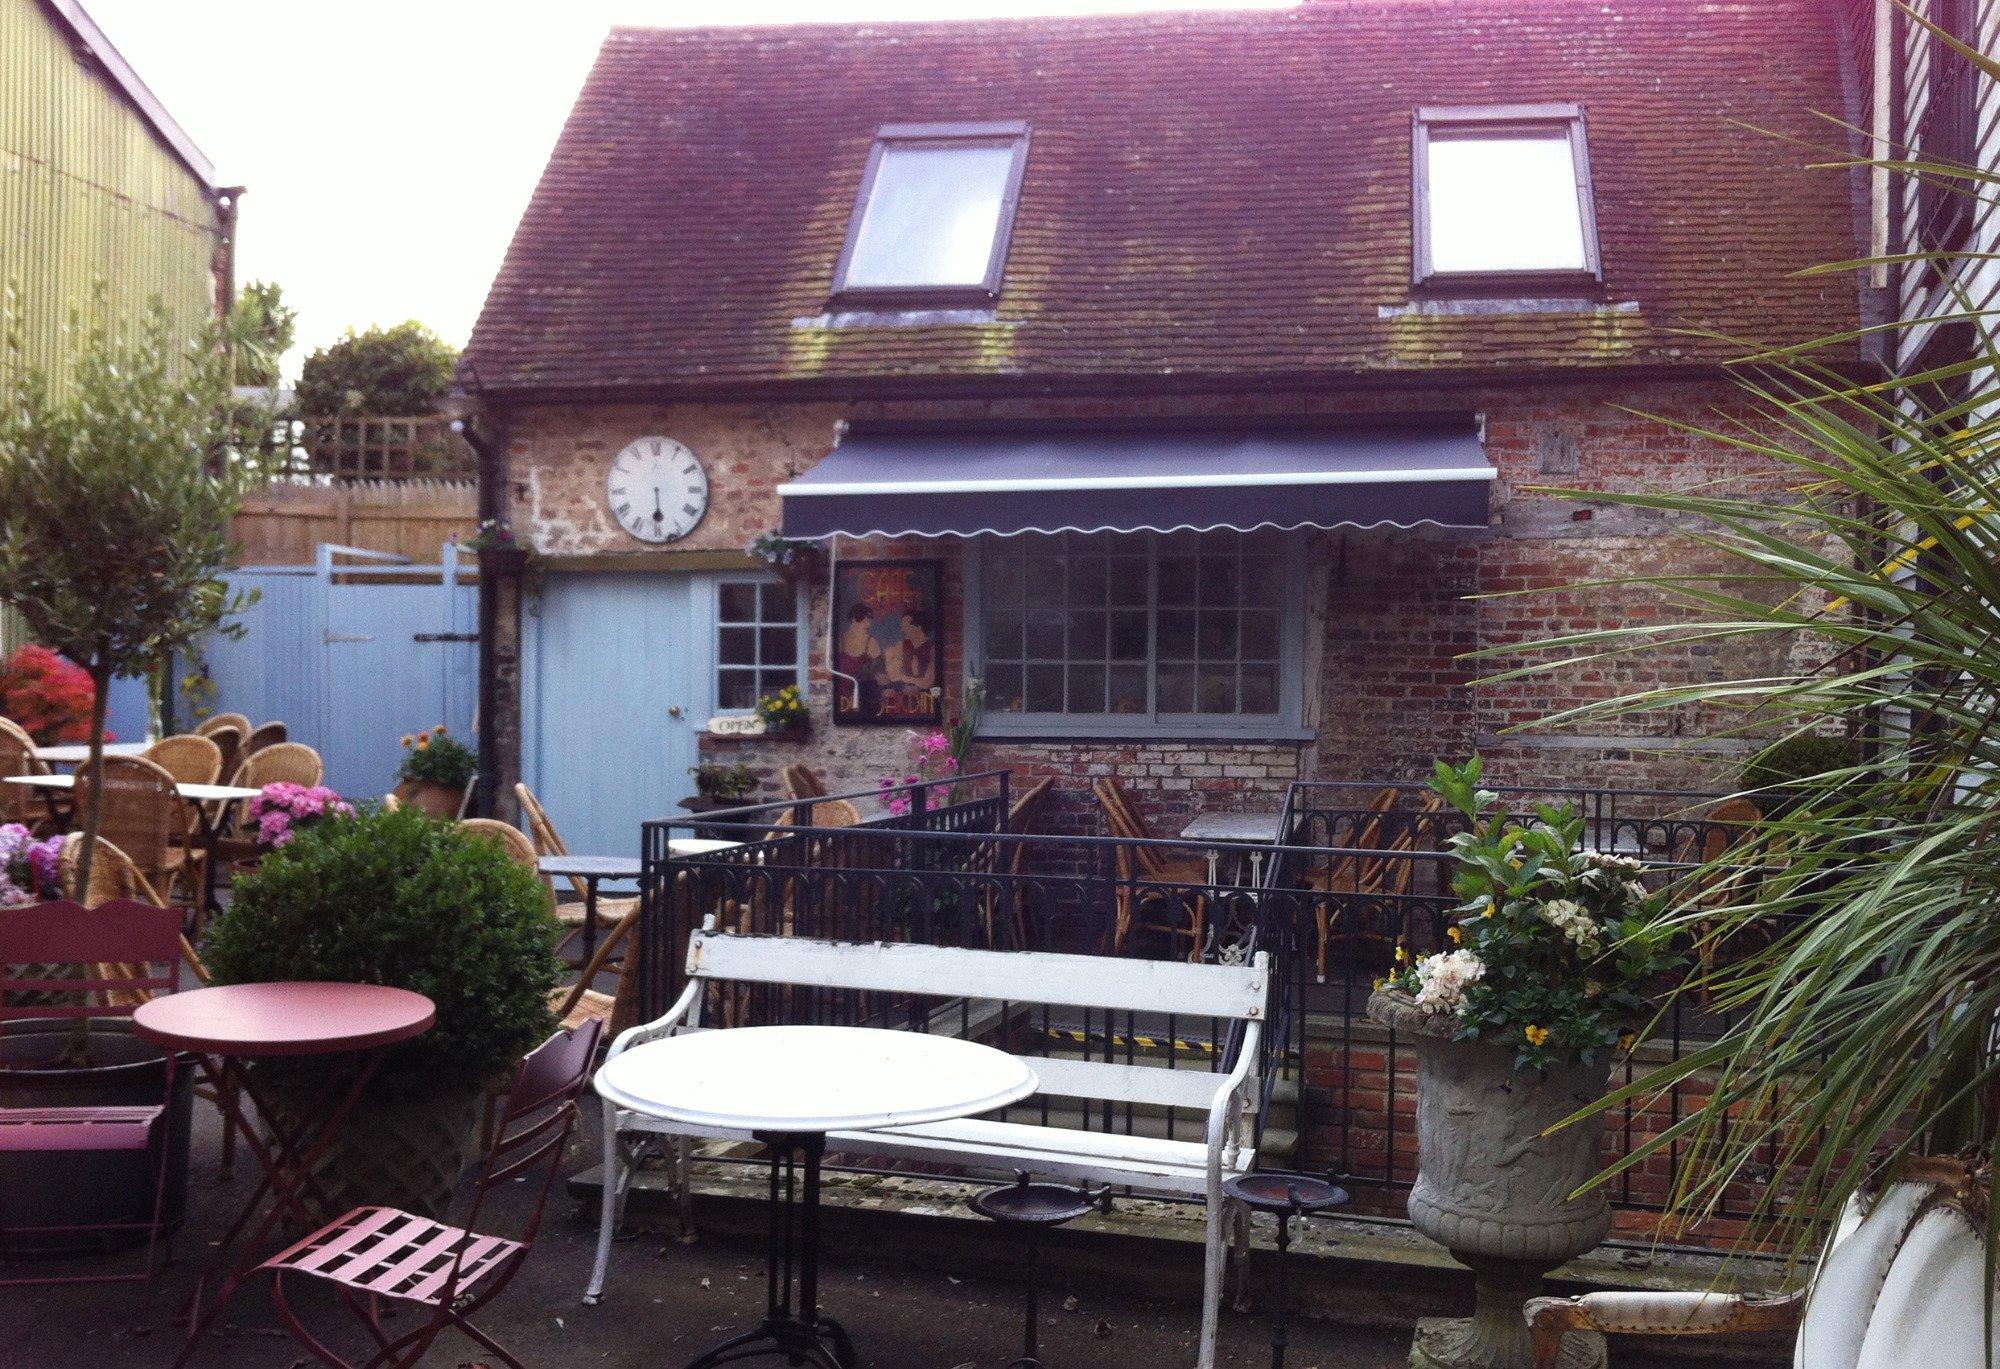 Cafe du jardin lewes restaurant reviews phone number for Cafe du jardin london